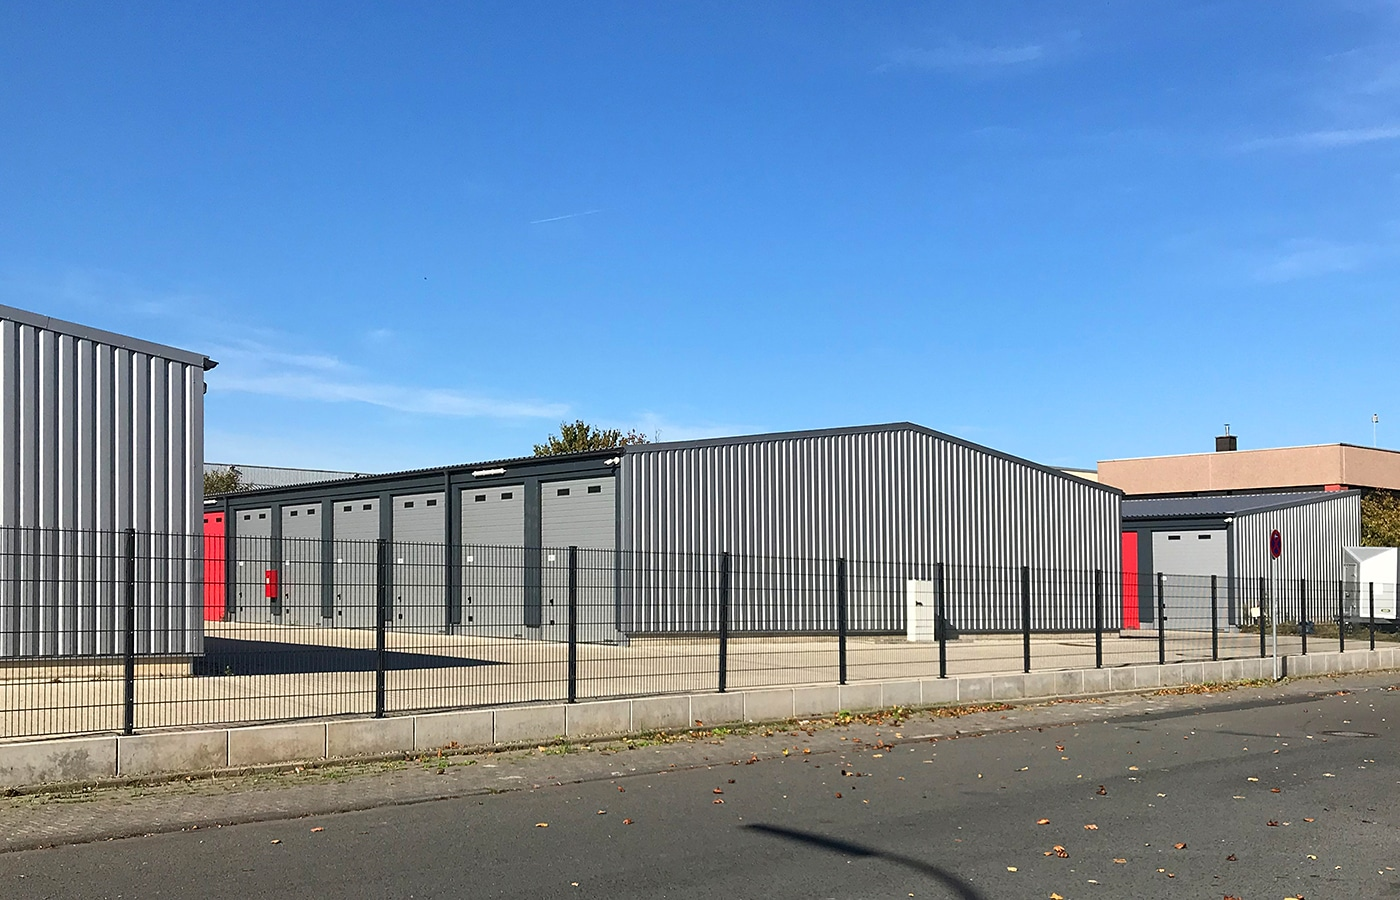 Gelände Garagenpark Storage Köln Rodenkirchen · Architektin AKNW Dipl.-Ing. Lubov · Architekt / Architekturbüro Köln